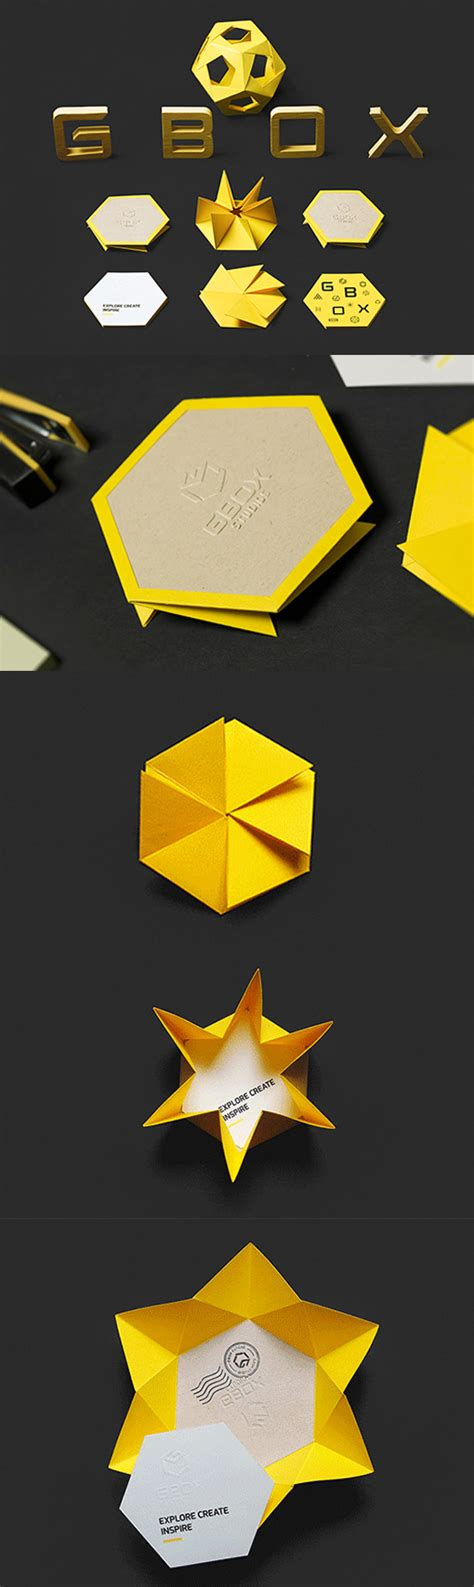 Interactive Origami - interactive origami 28 images interactive origami